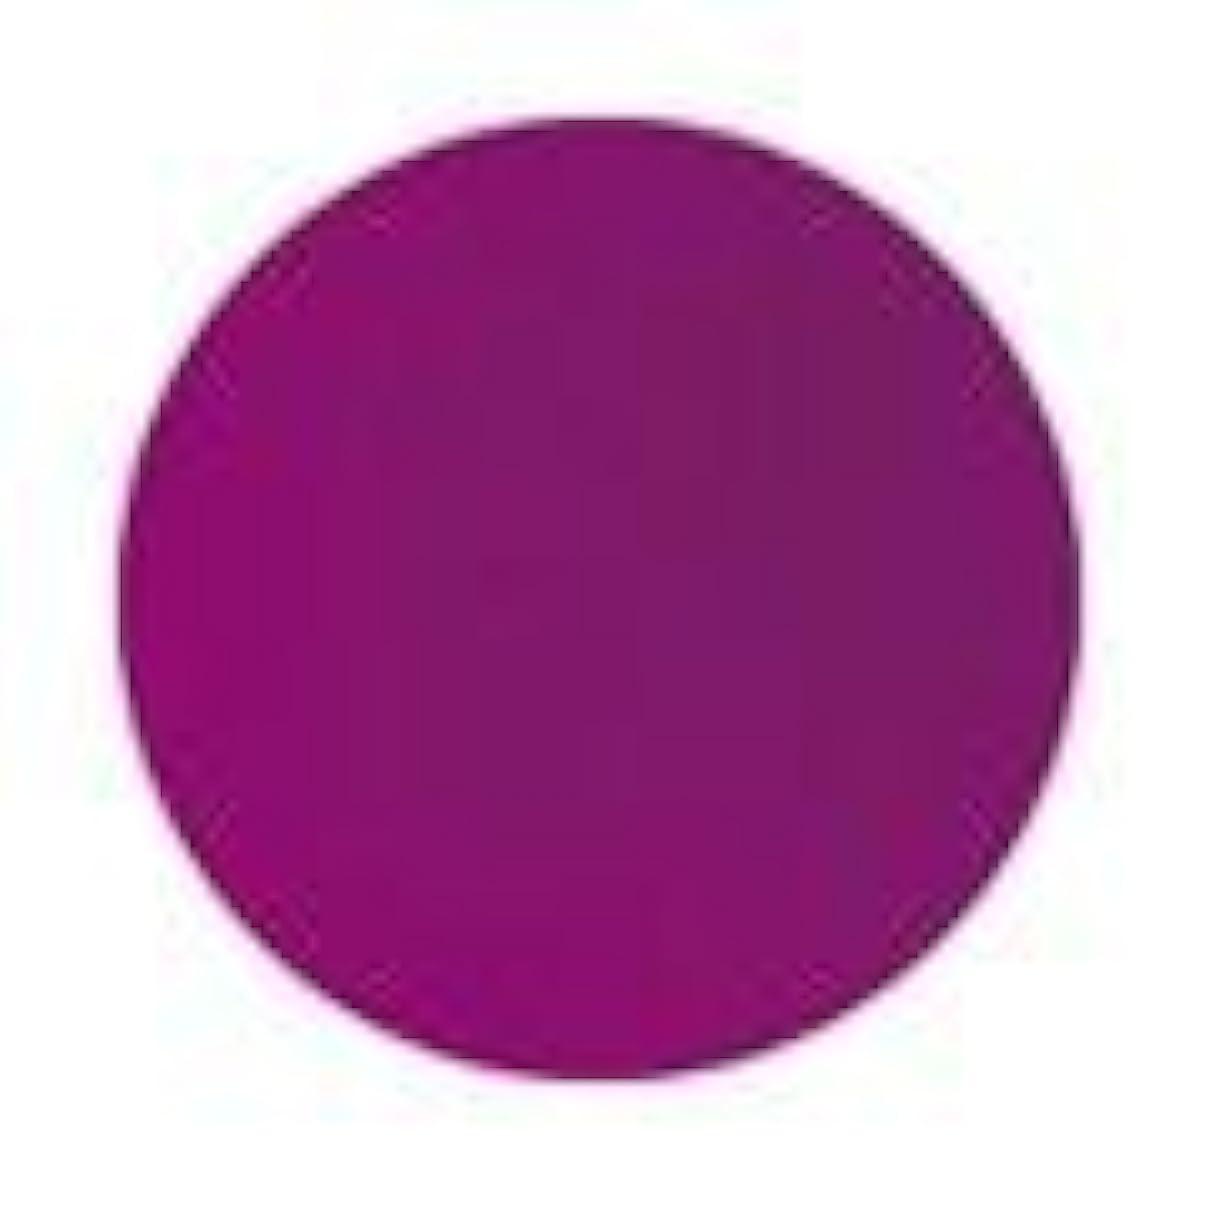 器用ハドル母性Jessica ジェレレーション カラー 15ml  953 バイオレットフレーム